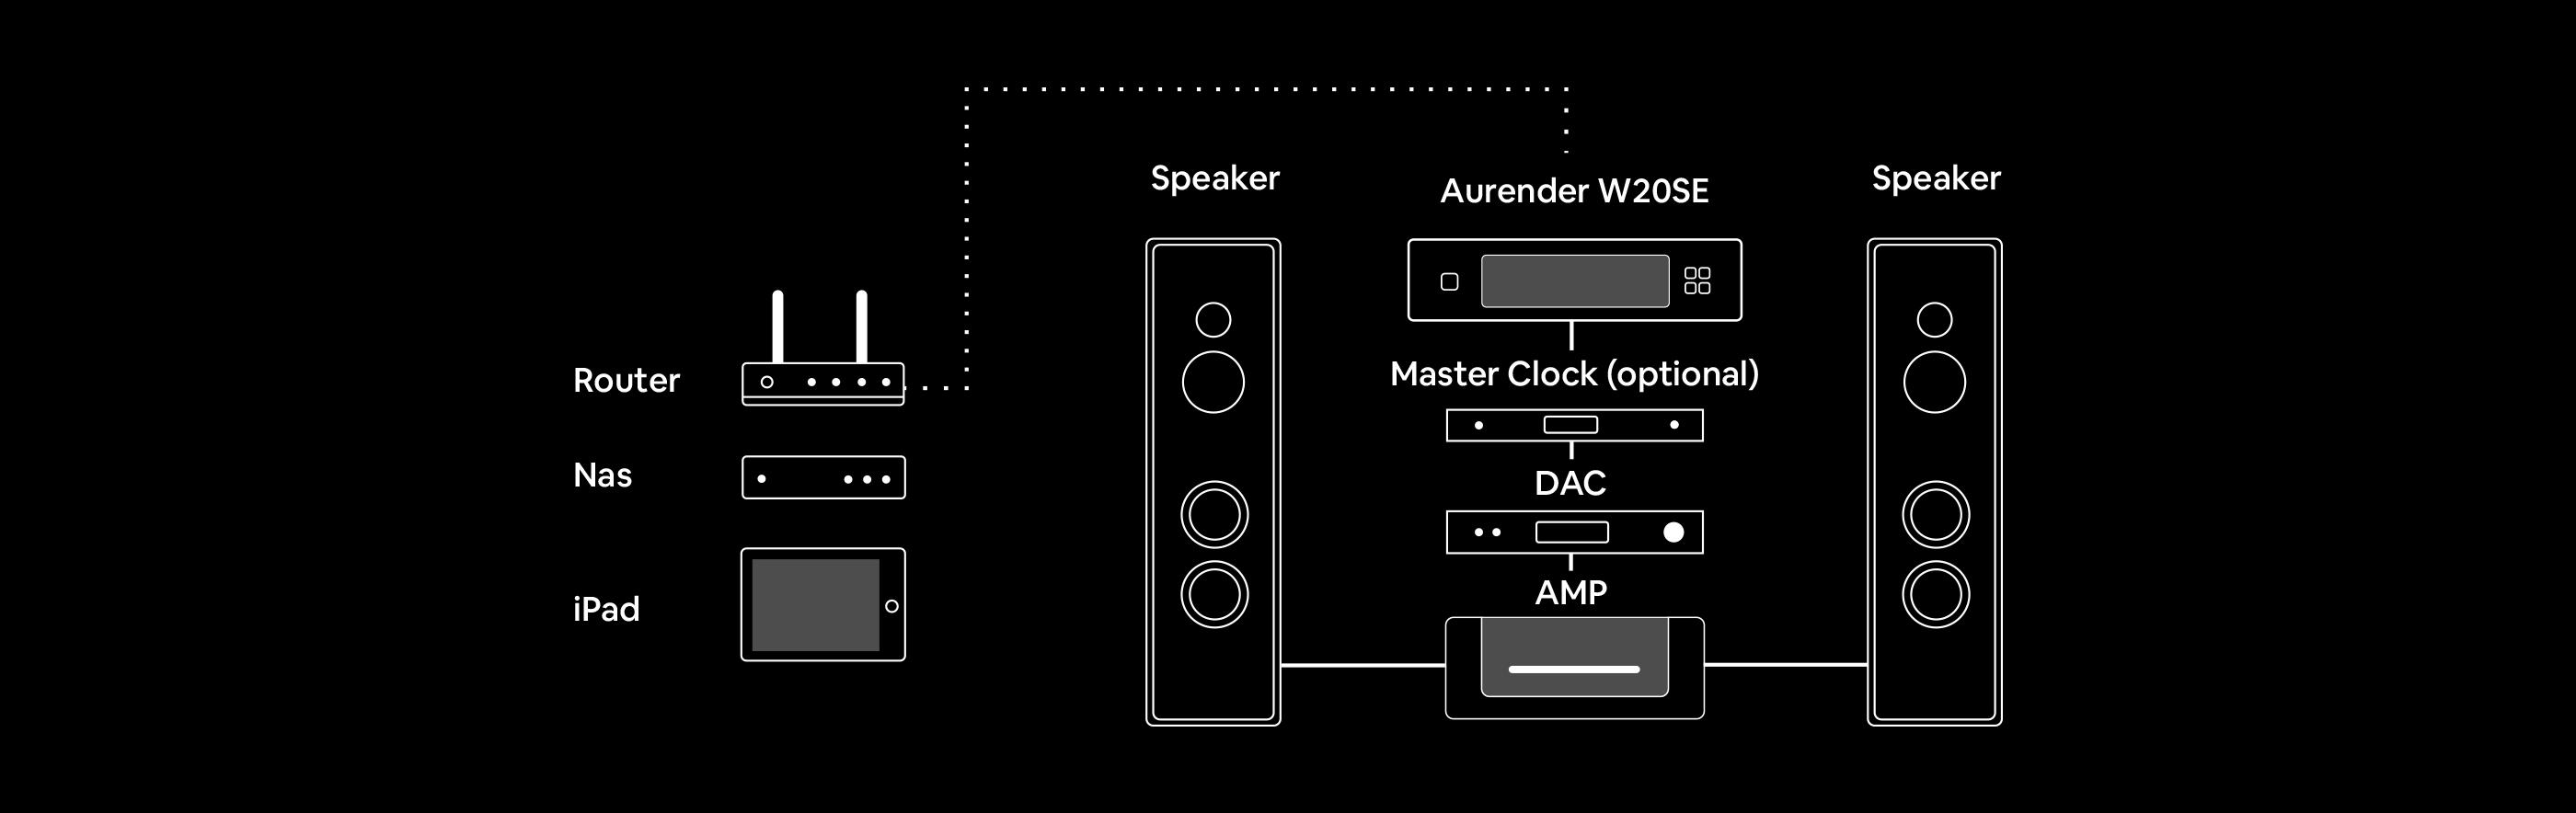 Aurender w20se system configuration